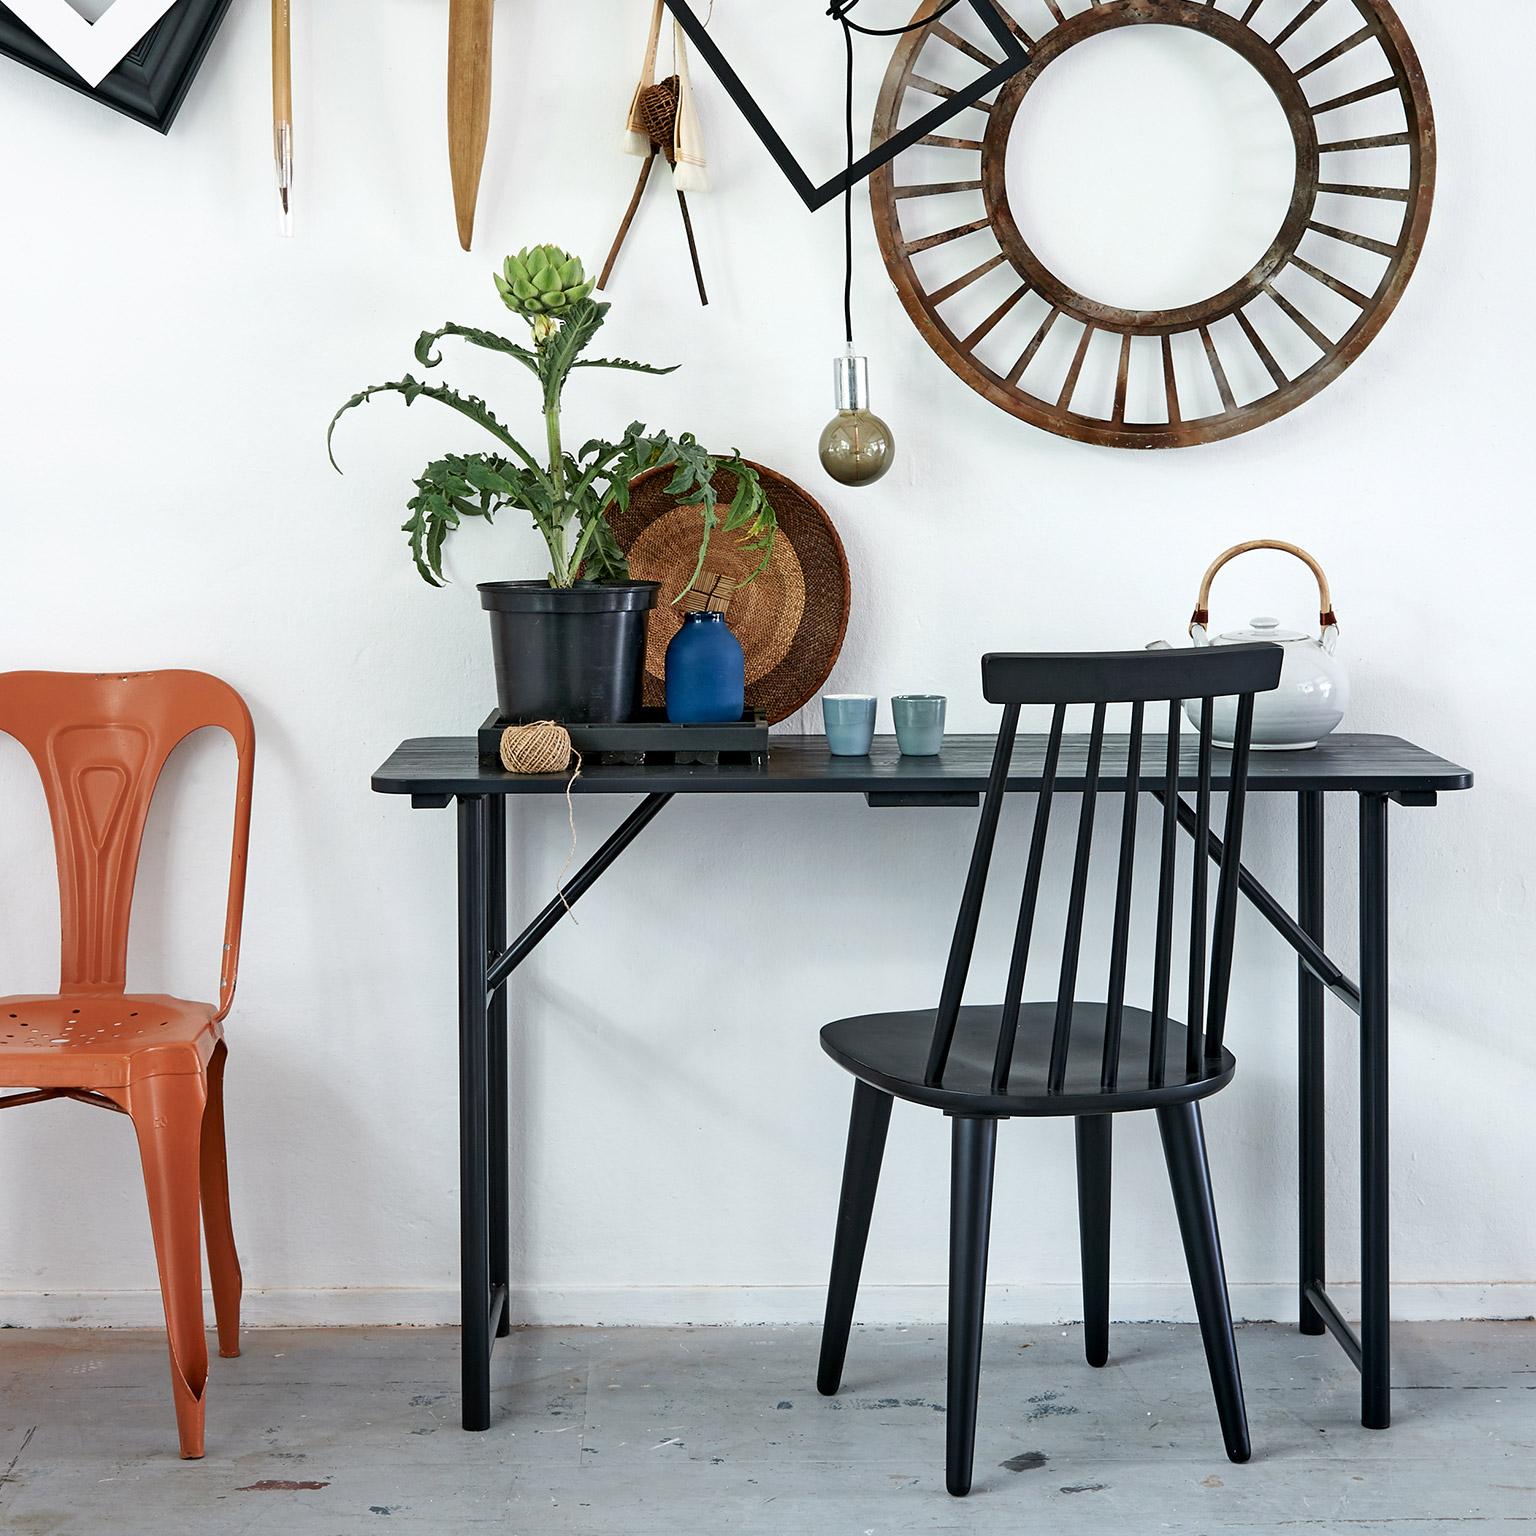 vtwonen Side-table 'Board' 125cm, kleur zwart met voordeel snel in huis via Meubel Partner